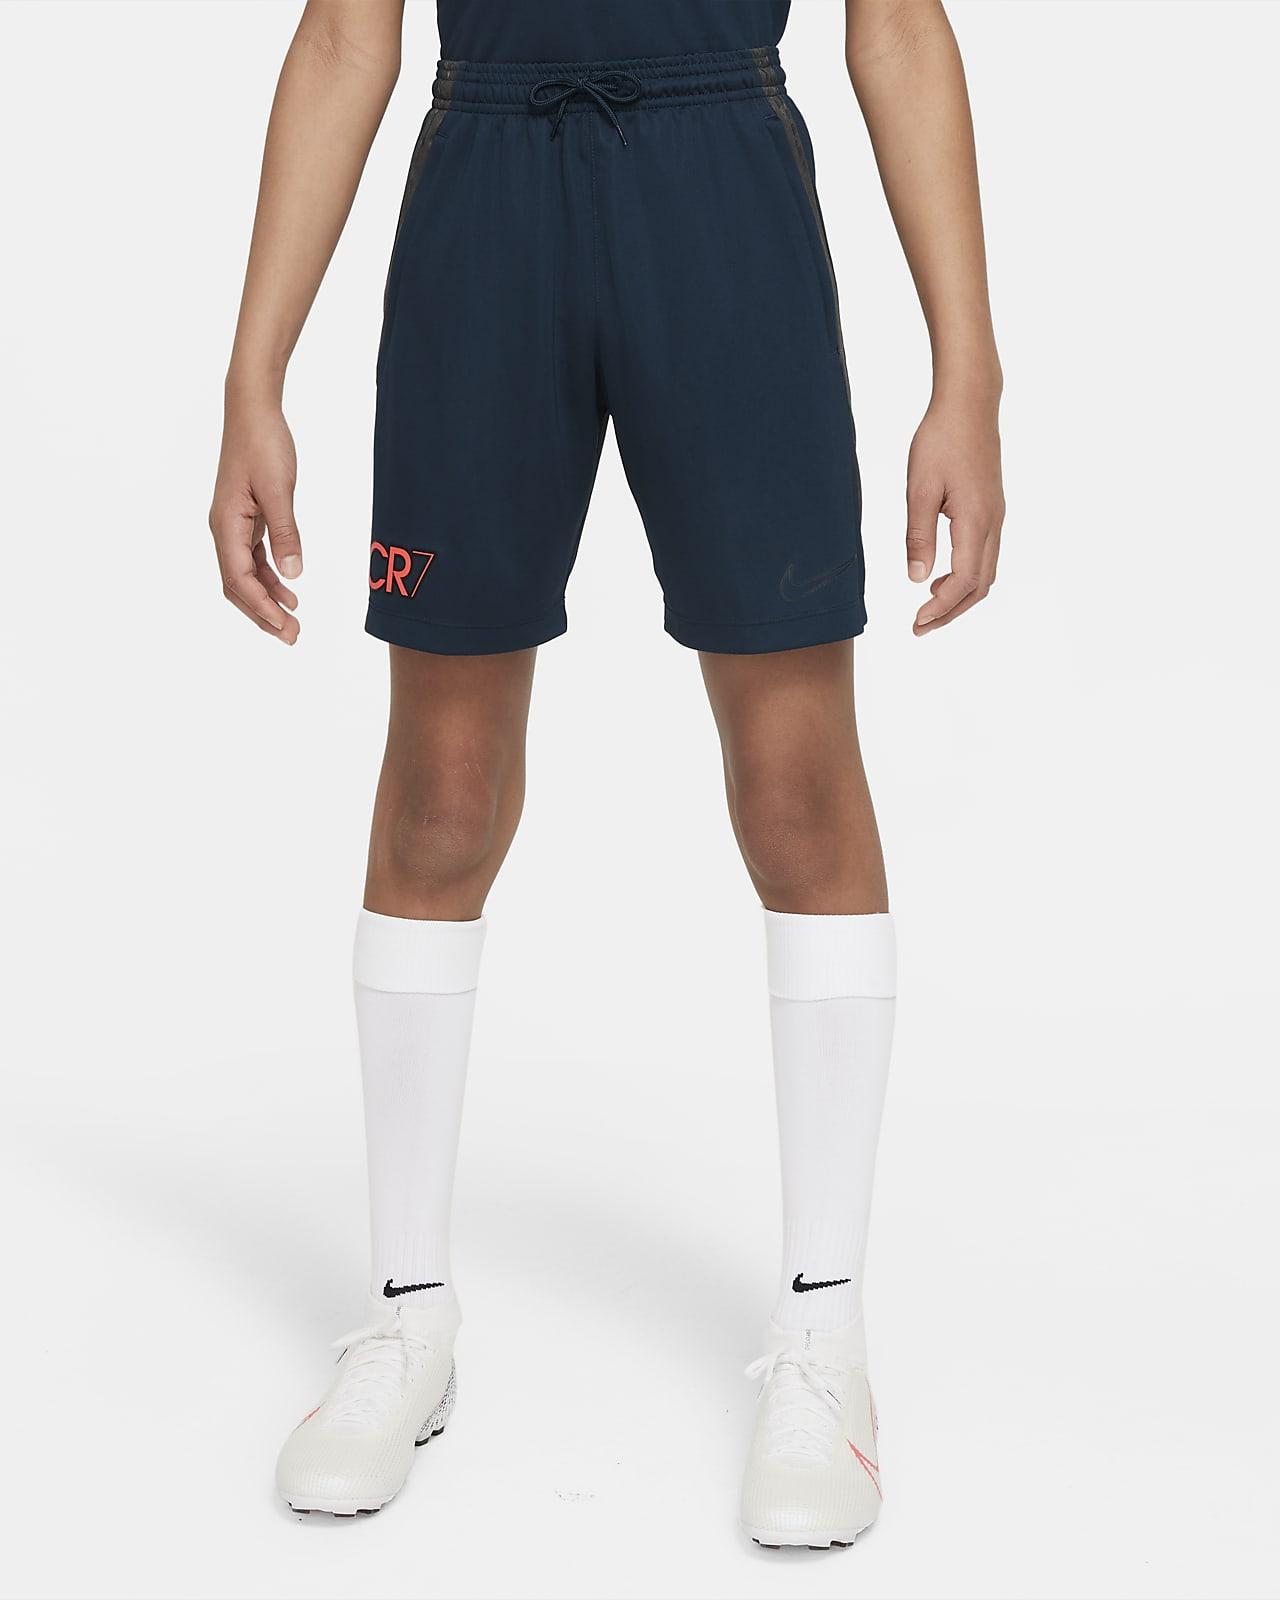 Nike Dri-FIT CR7 Pantalons curts de futbol - Nen/a